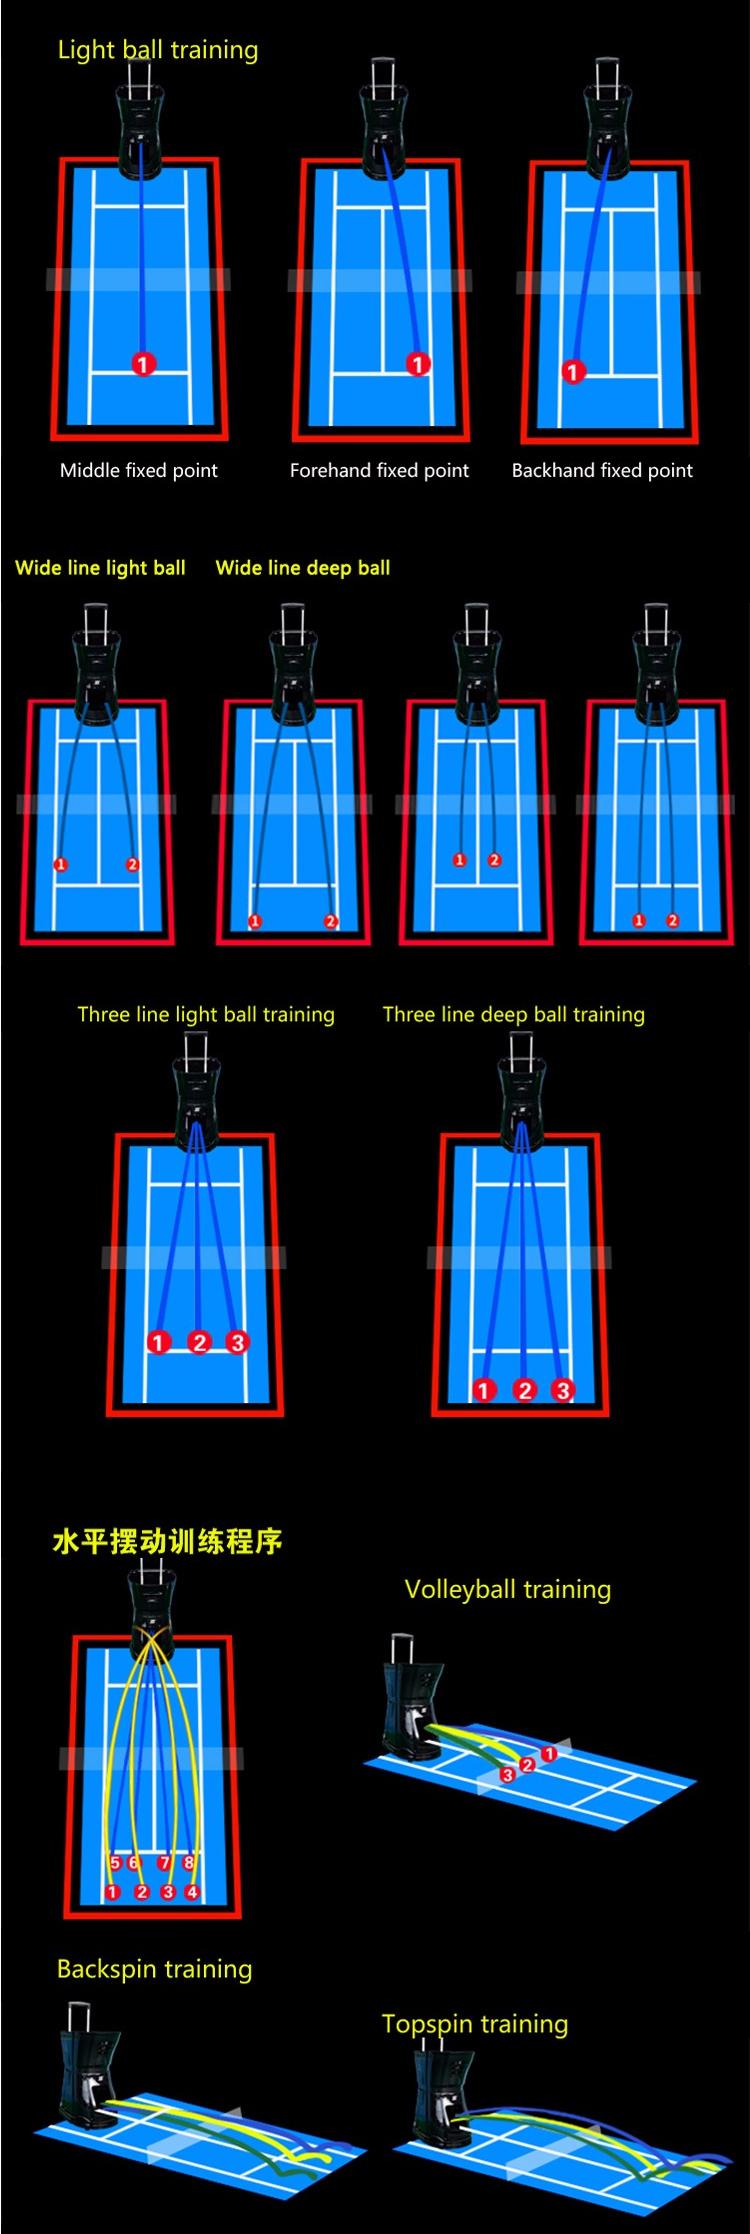 Tennis shoot machine